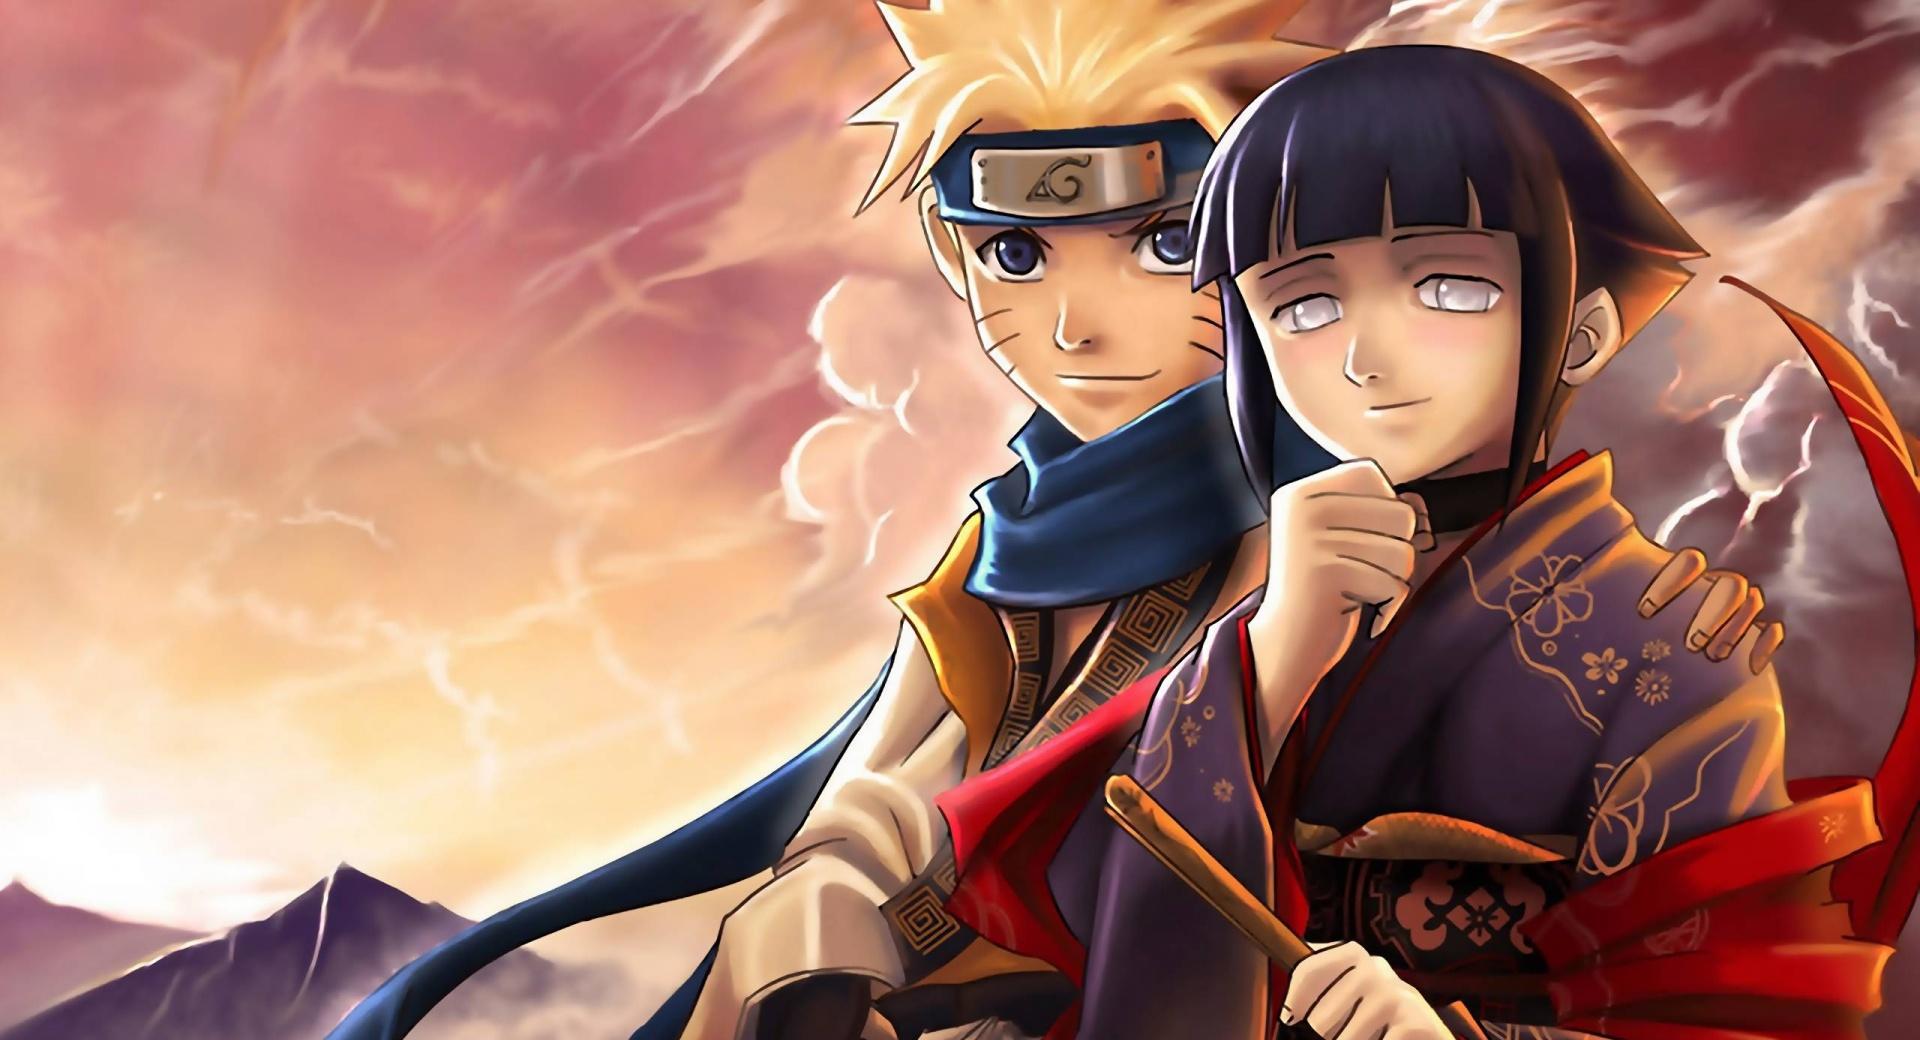 Hinata - Naruto wallpapers HD quality